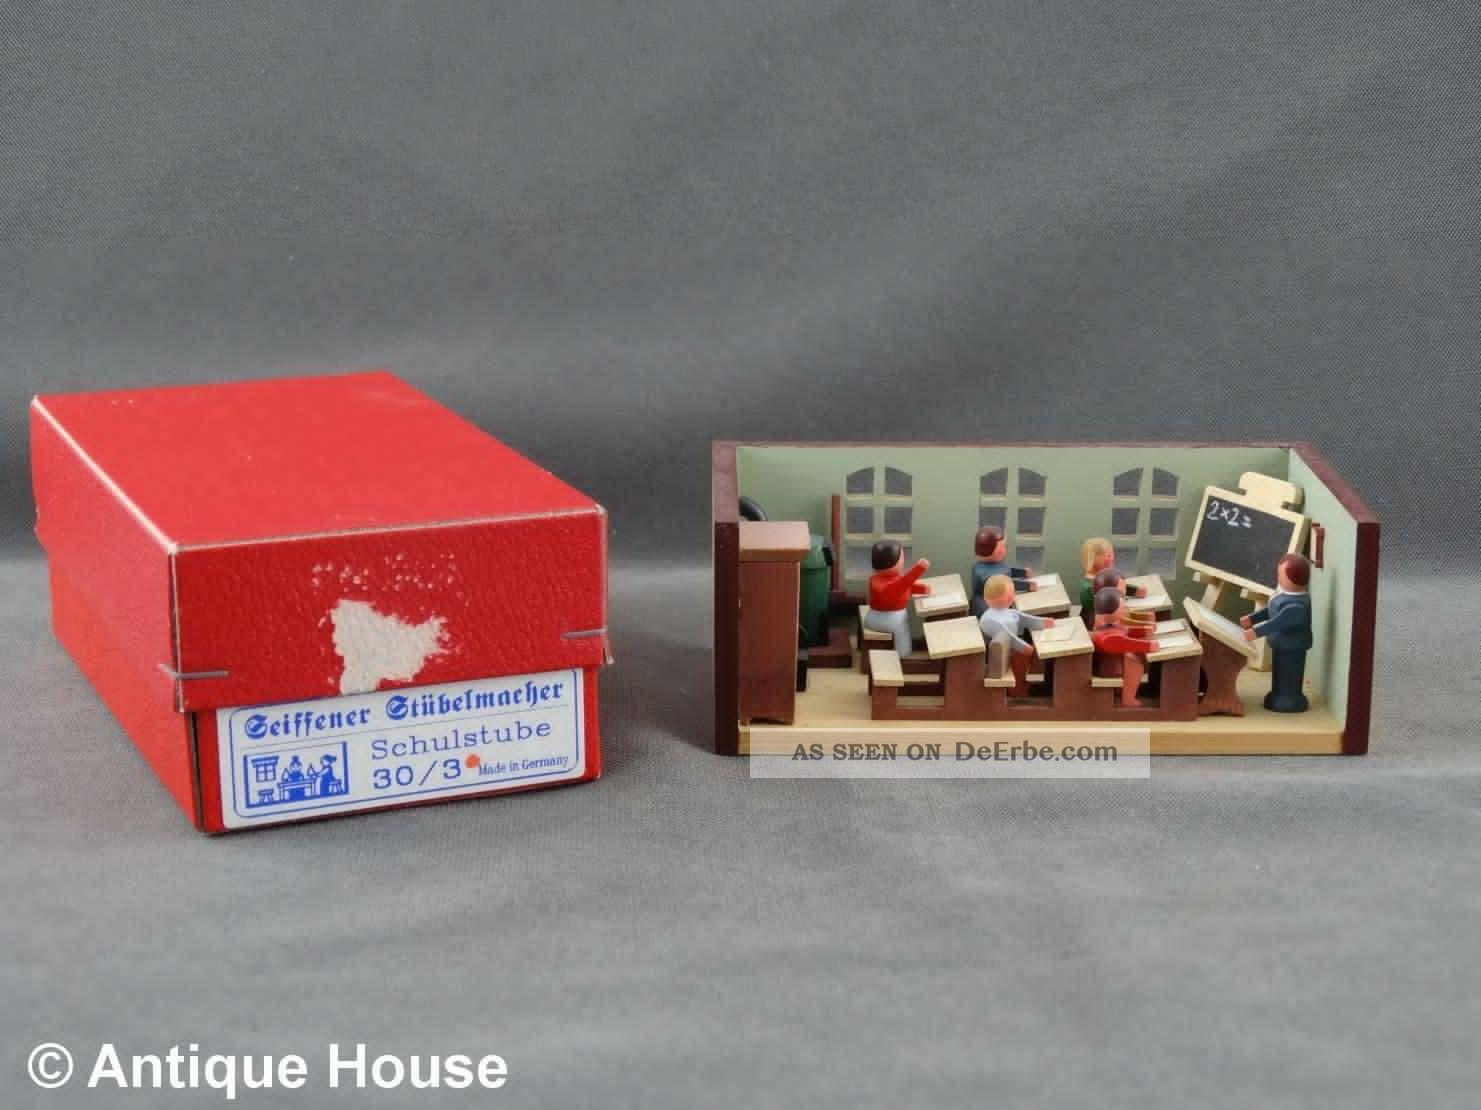 Erzgebirge Volkskunst Miniatur Seiffener Stübelmacher Schule Objekte nach 1945 Bild